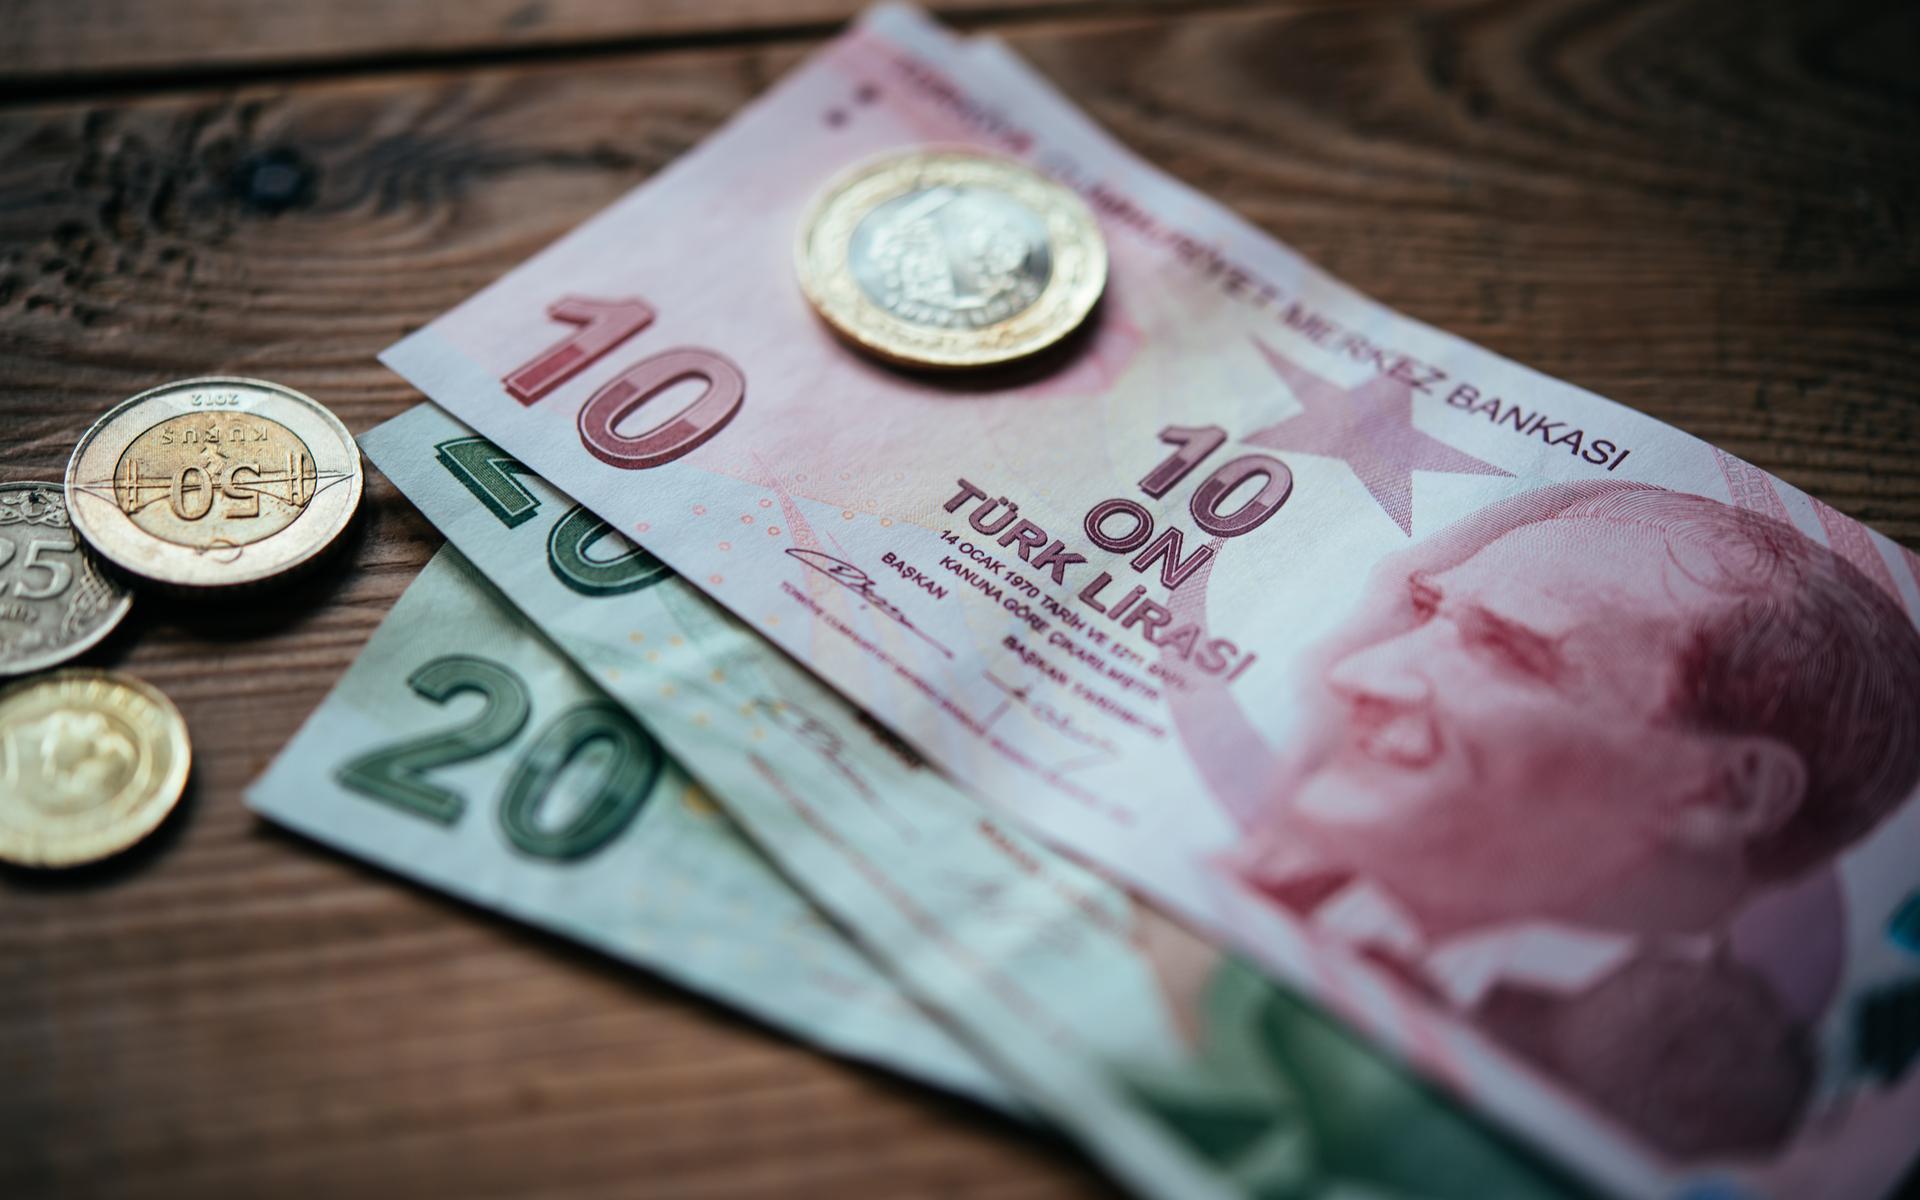 الليرة التركية عند أدنى مستوى لها منذ 7 أشهر